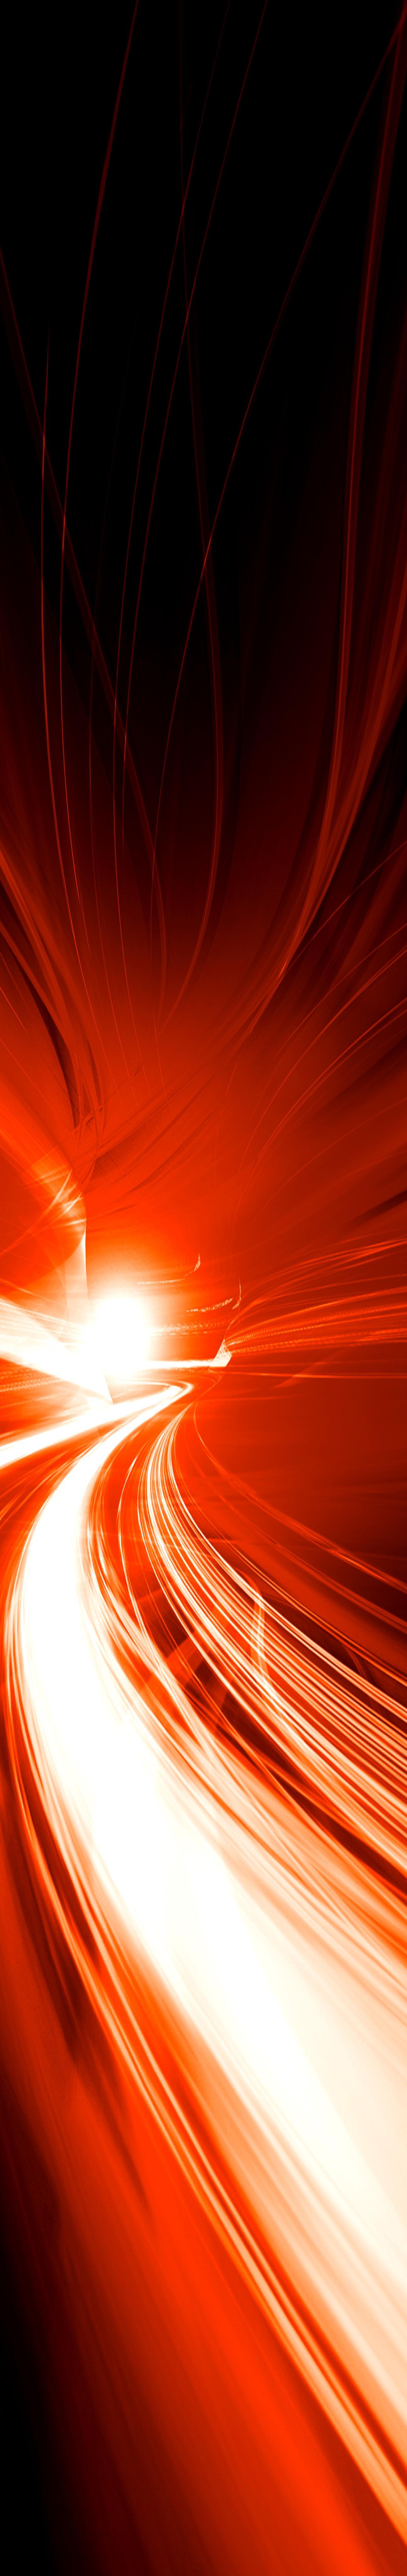 Faisceaux lumineux rouges et jaunes sur fond noir